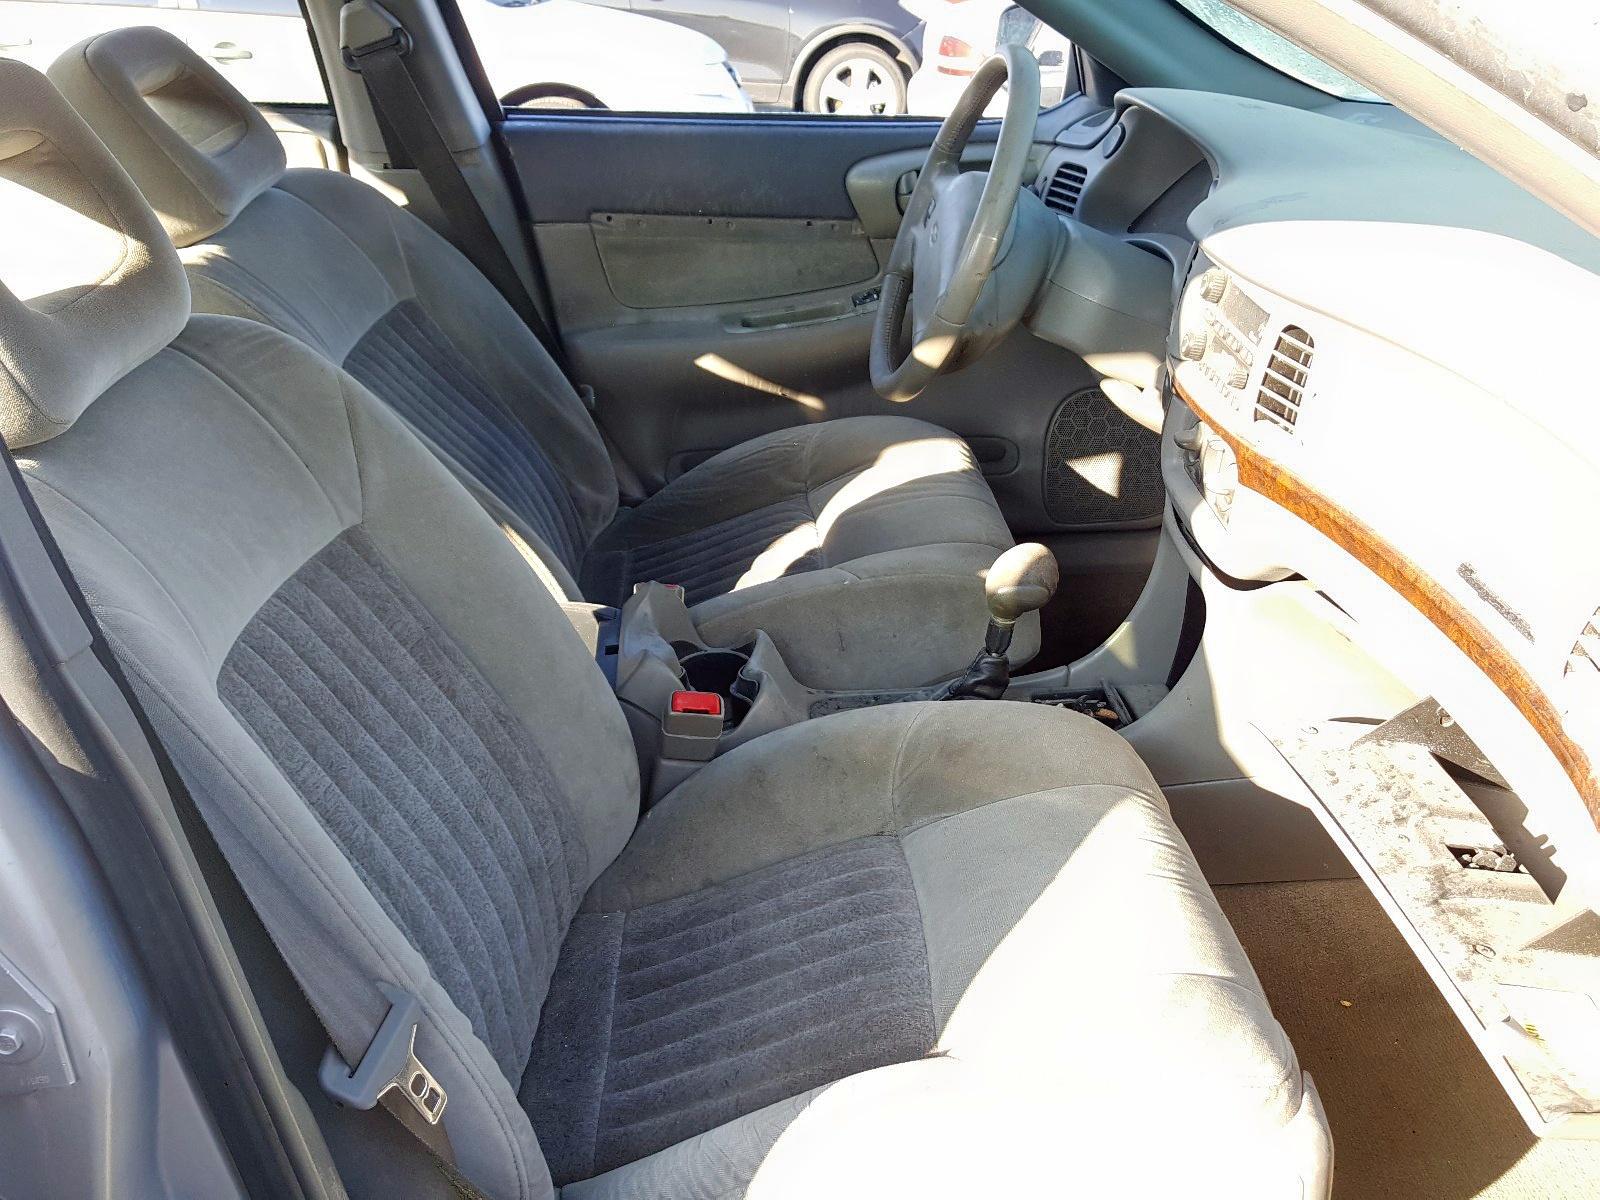 2000 Chevrolet Impala Ls 3.8L close up View